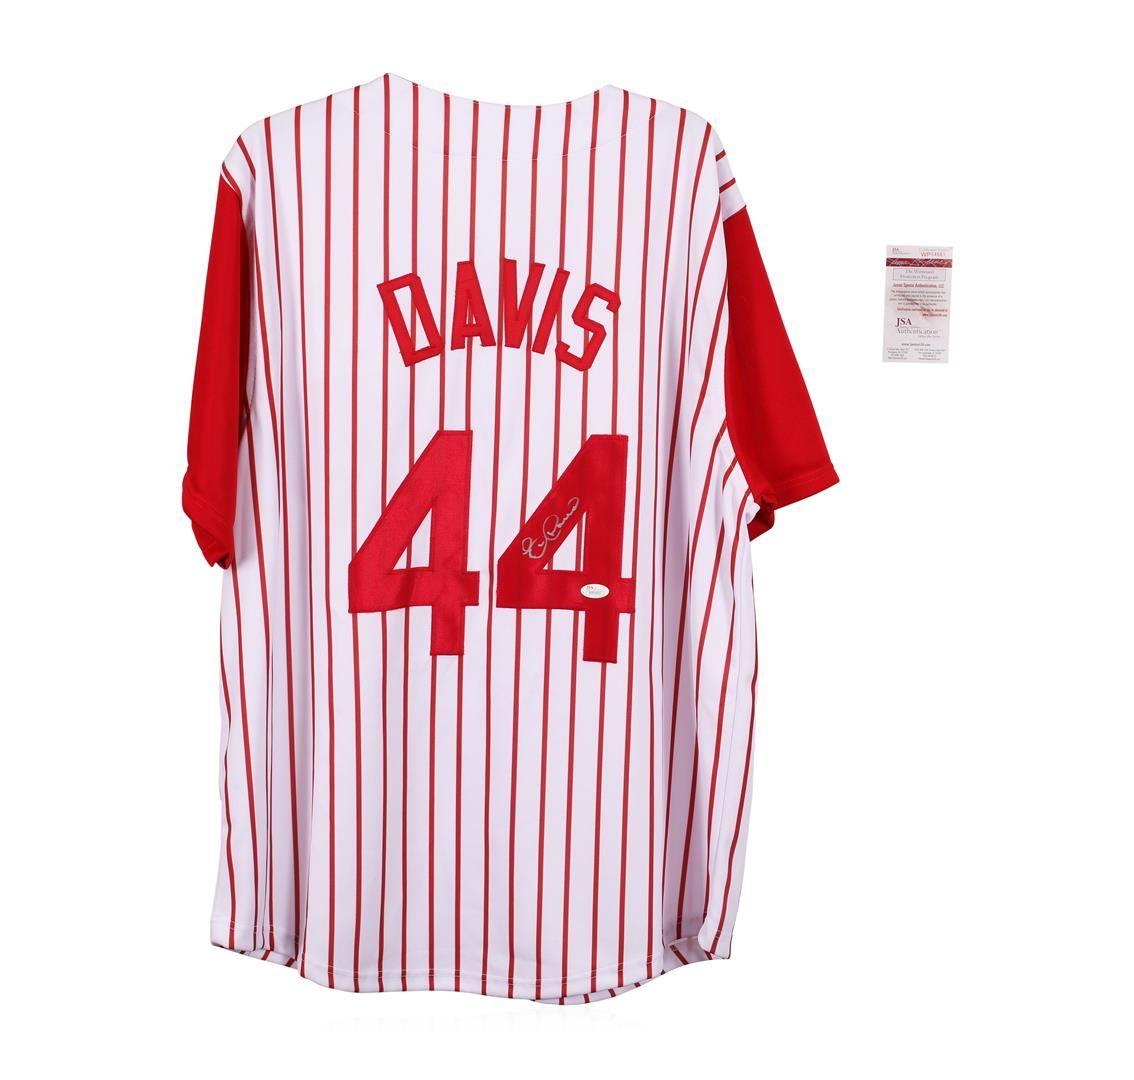 wholesale dealer a8721 cf1d3 Cincinnati Reds Eric Davis Autographed Jersey